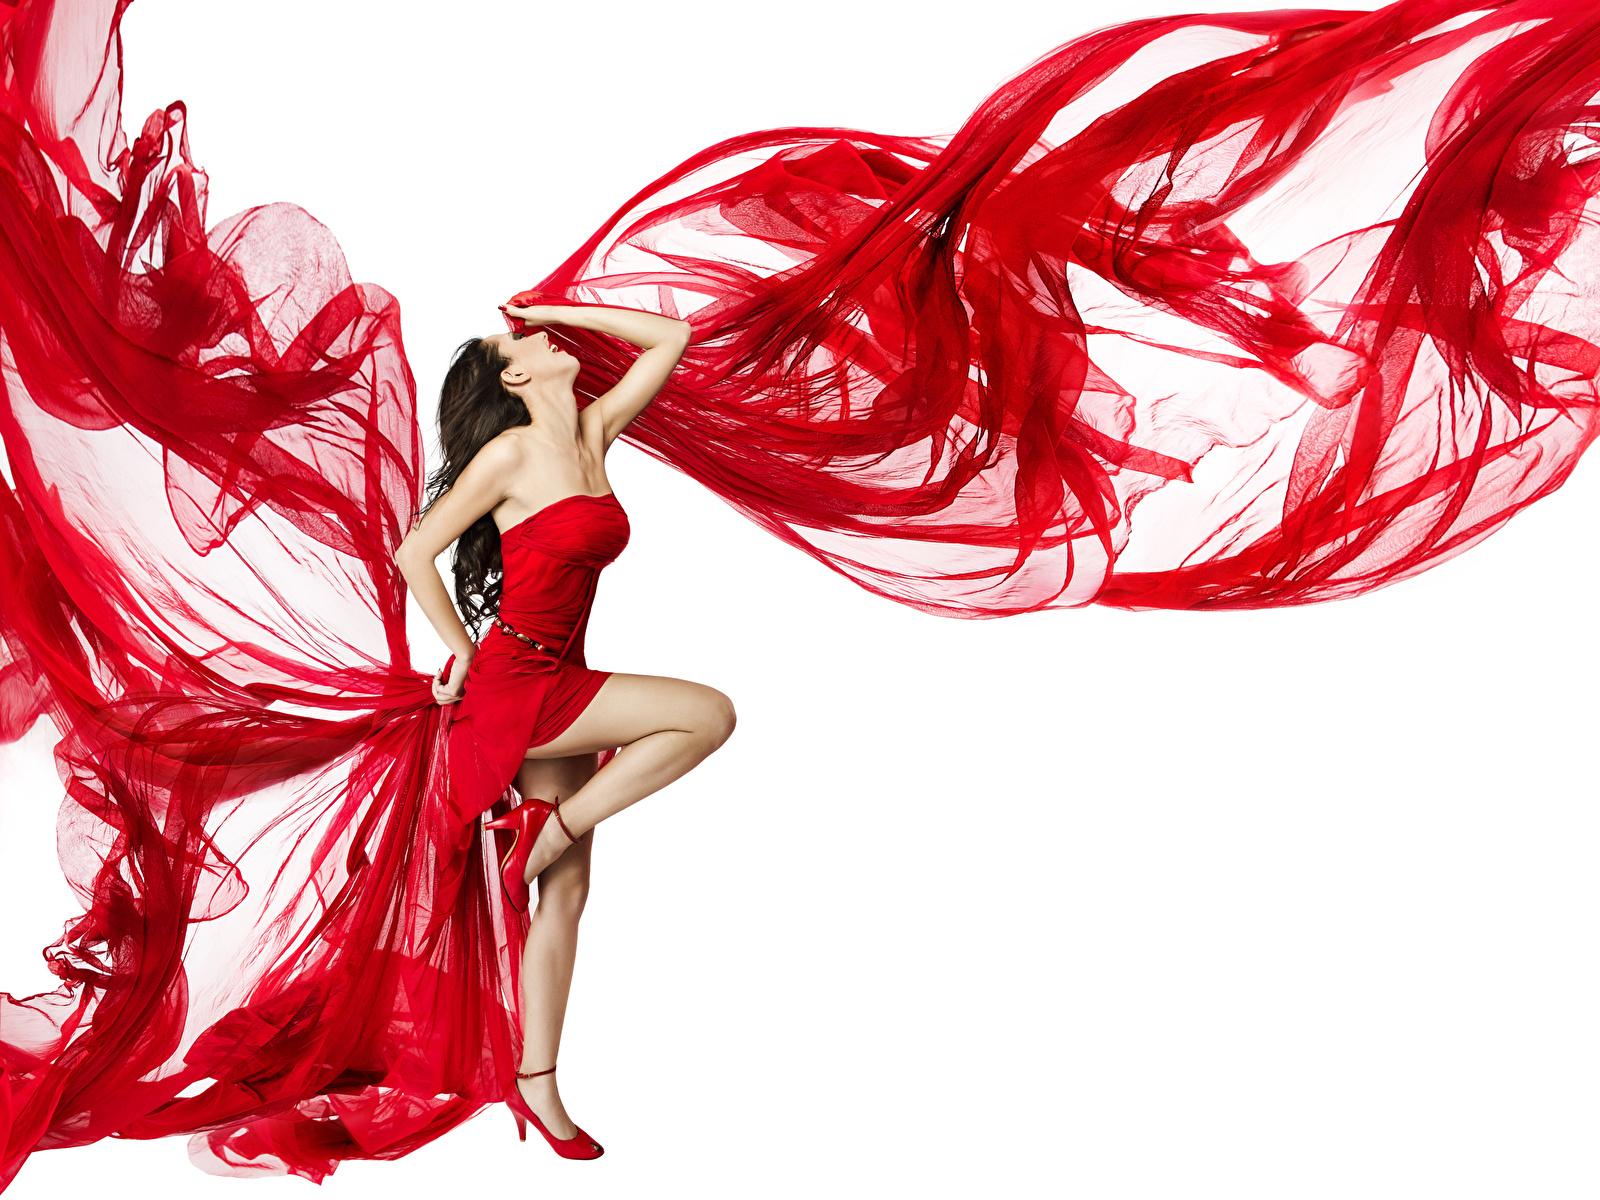 Hintergrundbilder Braune Haare Tanzen Mädchens Bein Weißer hintergrund Kleid 1600x1200 Braunhaarige Tanz